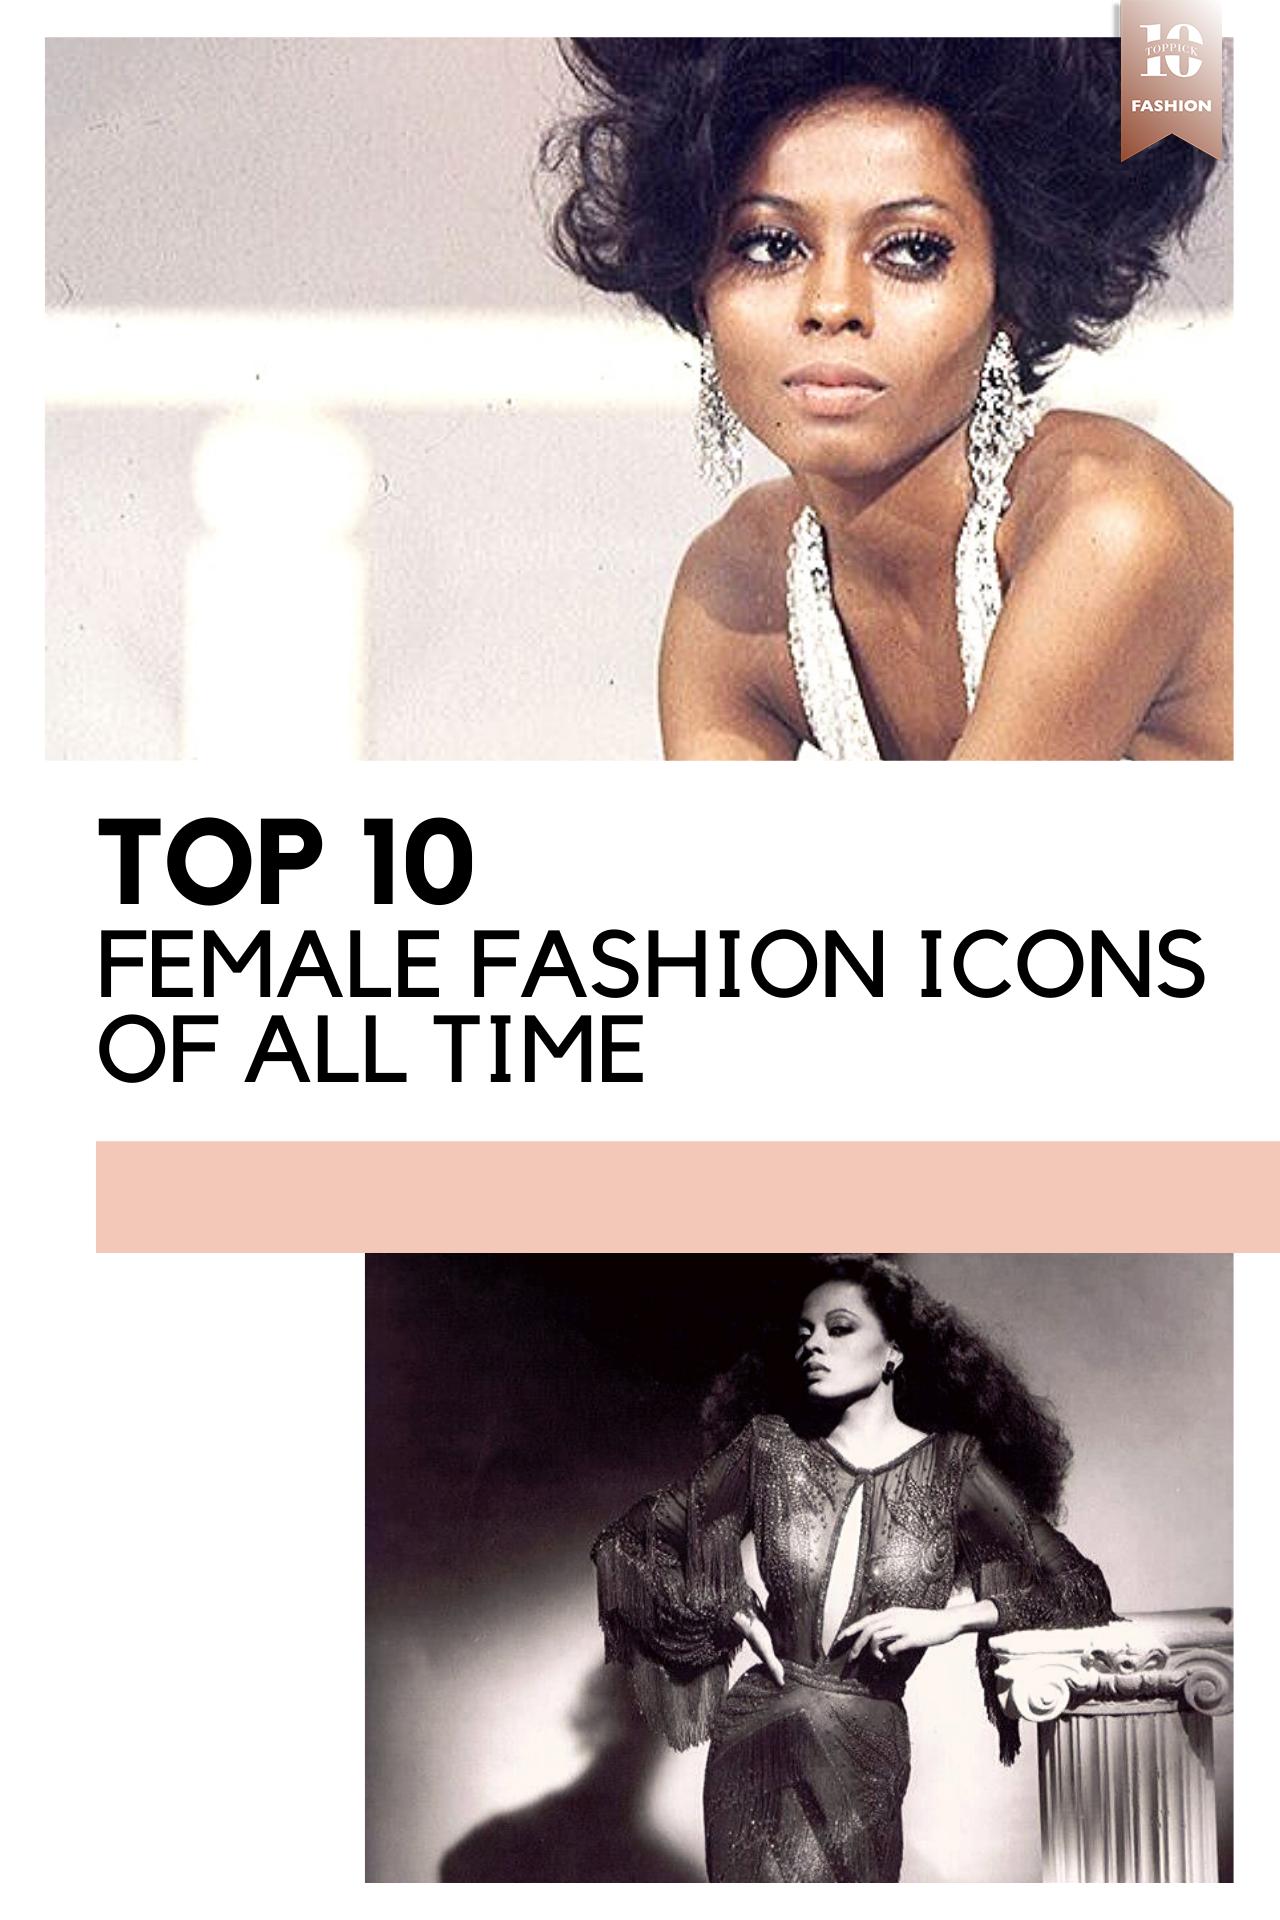 #fashion #fashionicons #fashionworld #fashionindustry #femalefashionicons